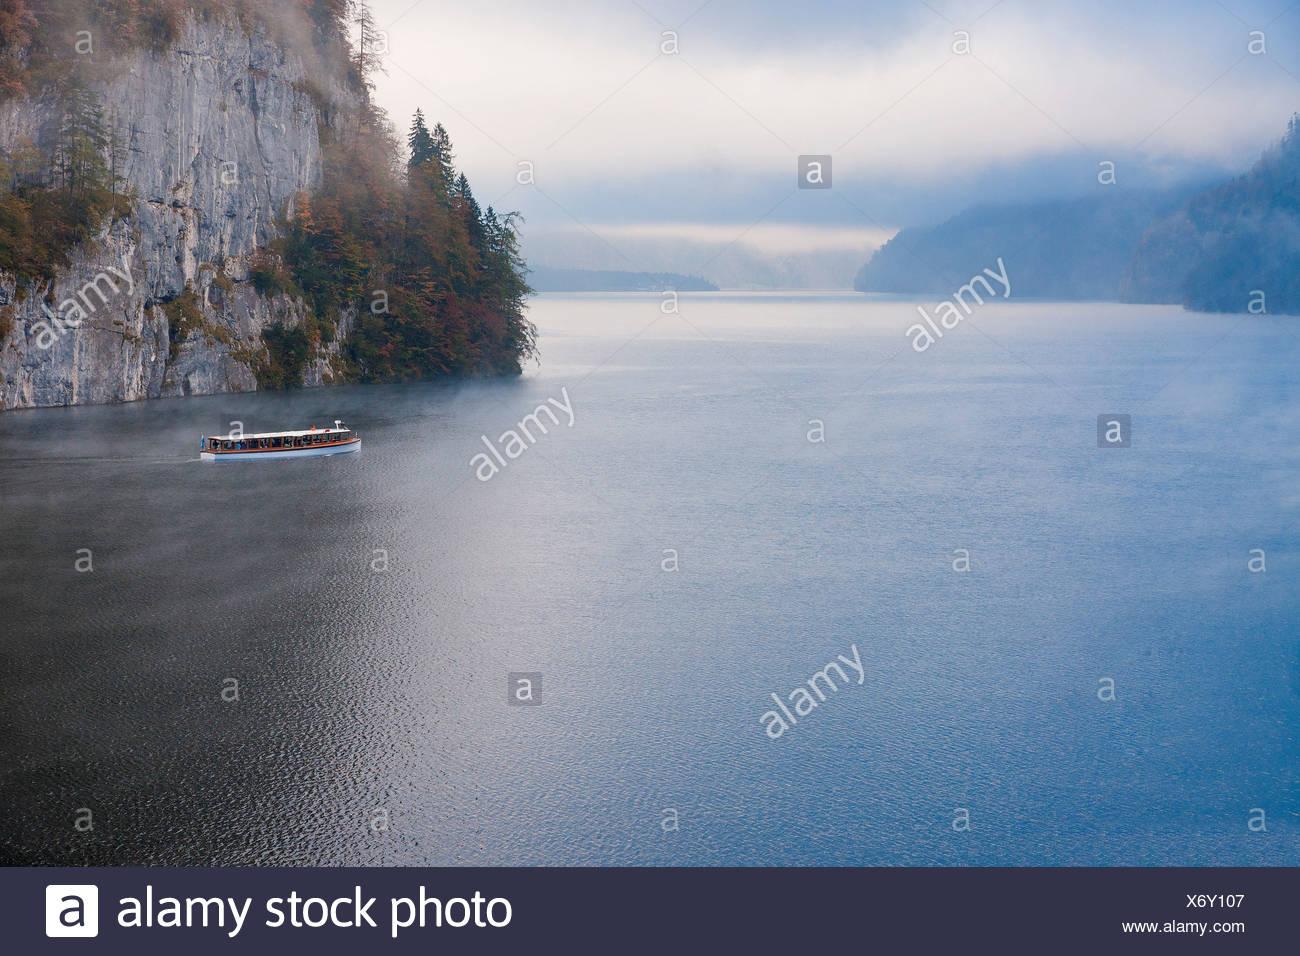 Berchtesgadener Land, Berchtesgaden, Nationalpark, Wasser, See ...